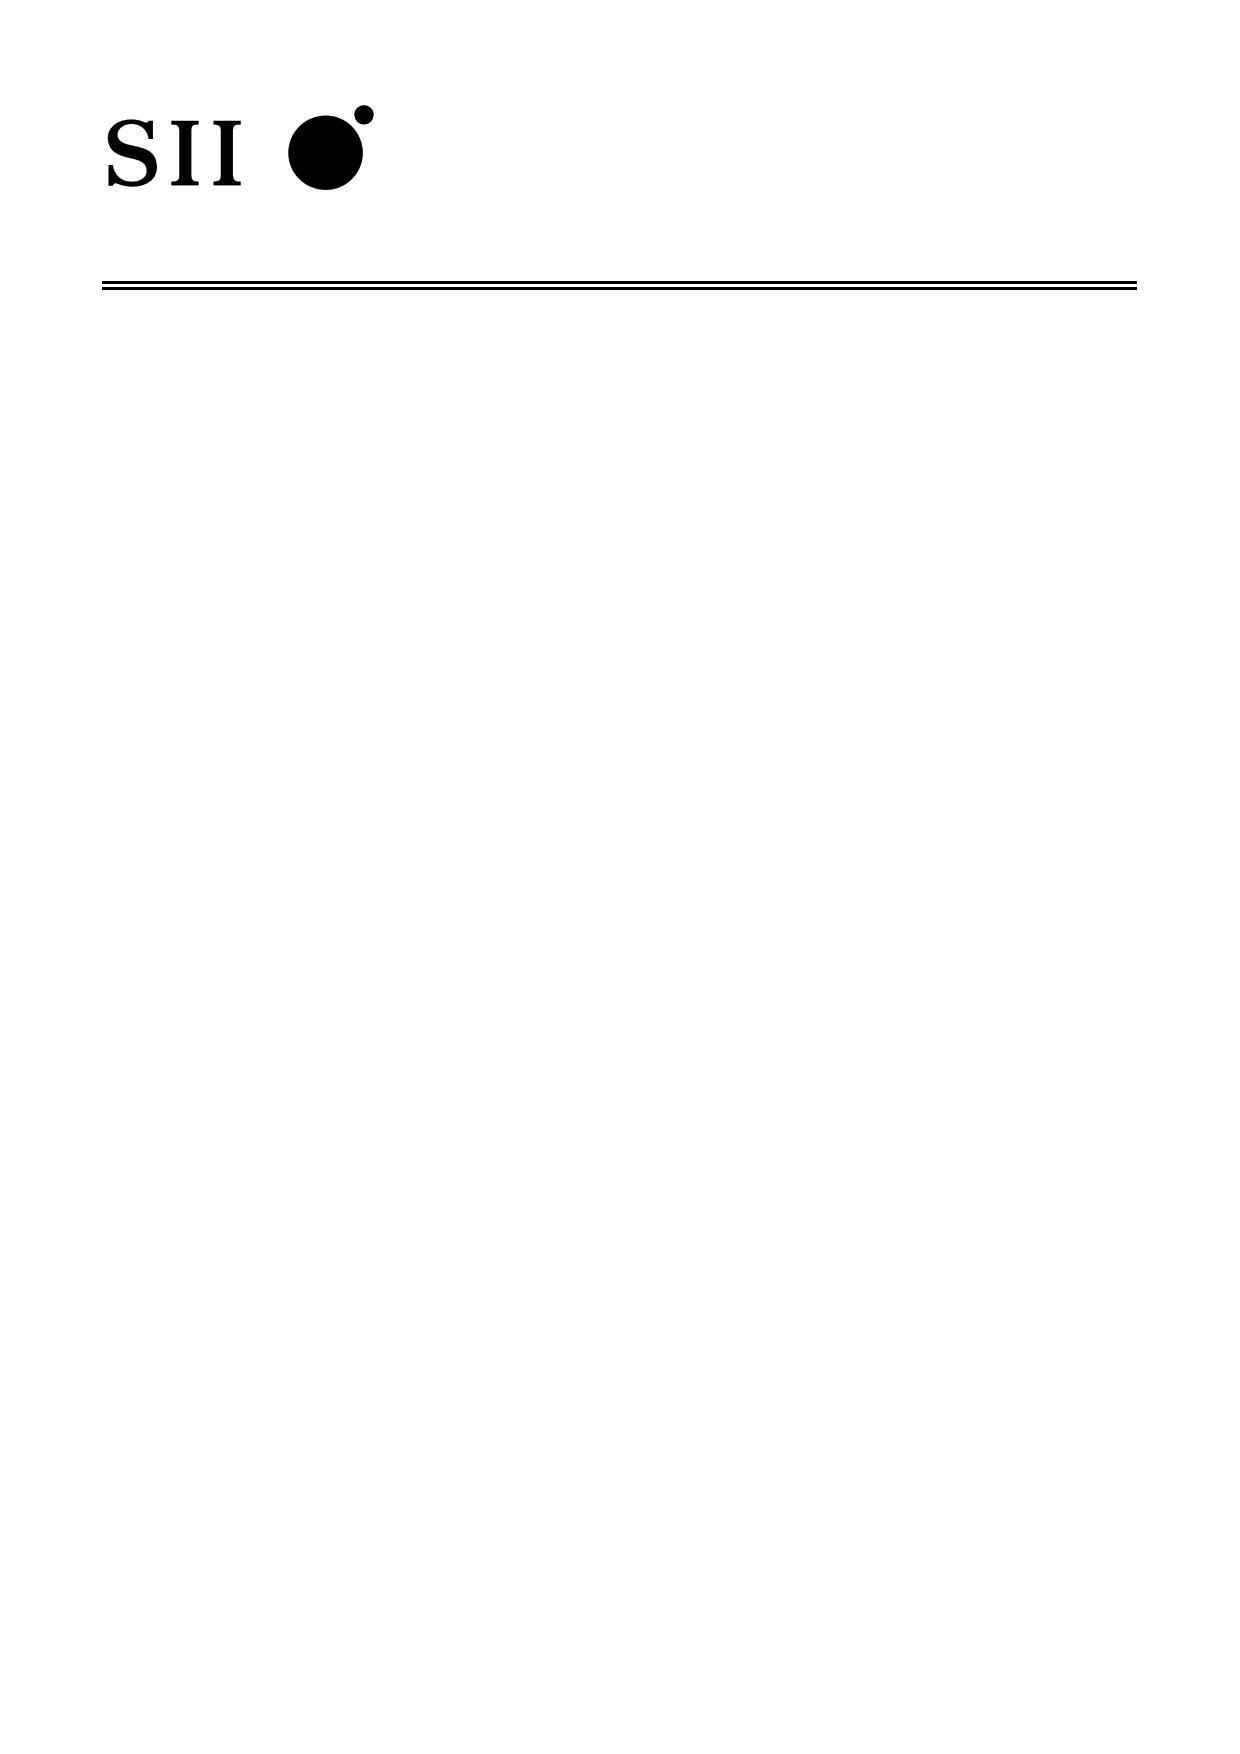 S-1000 datasheet